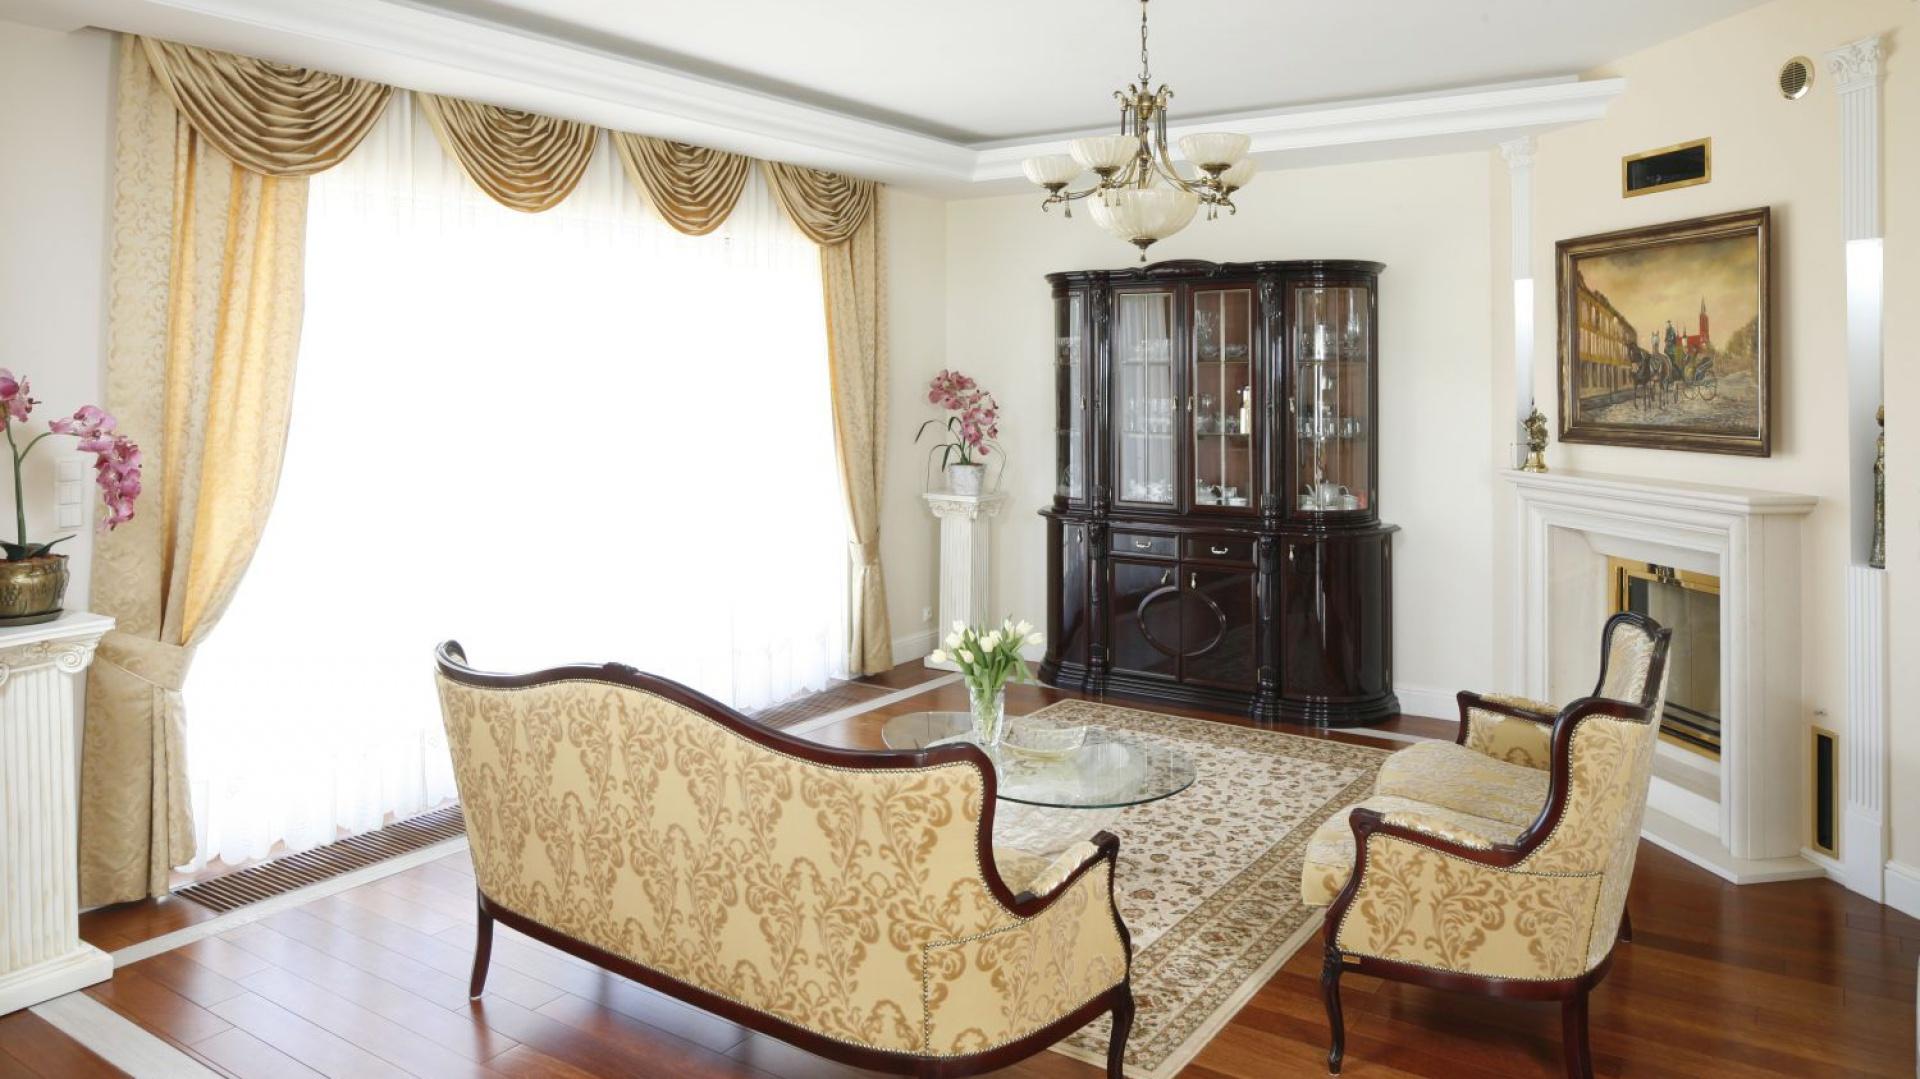 W tym salonie dominującym kolorem jest... złoto. Ubrane w klasycyzujące formy i w towarzystwie drewna w ciemnym wybarwieniu prezentuje się bardzo elegancko. Projekt: Magdalena Mirek-Roszkowska. Fot. Bartosz Jarosz